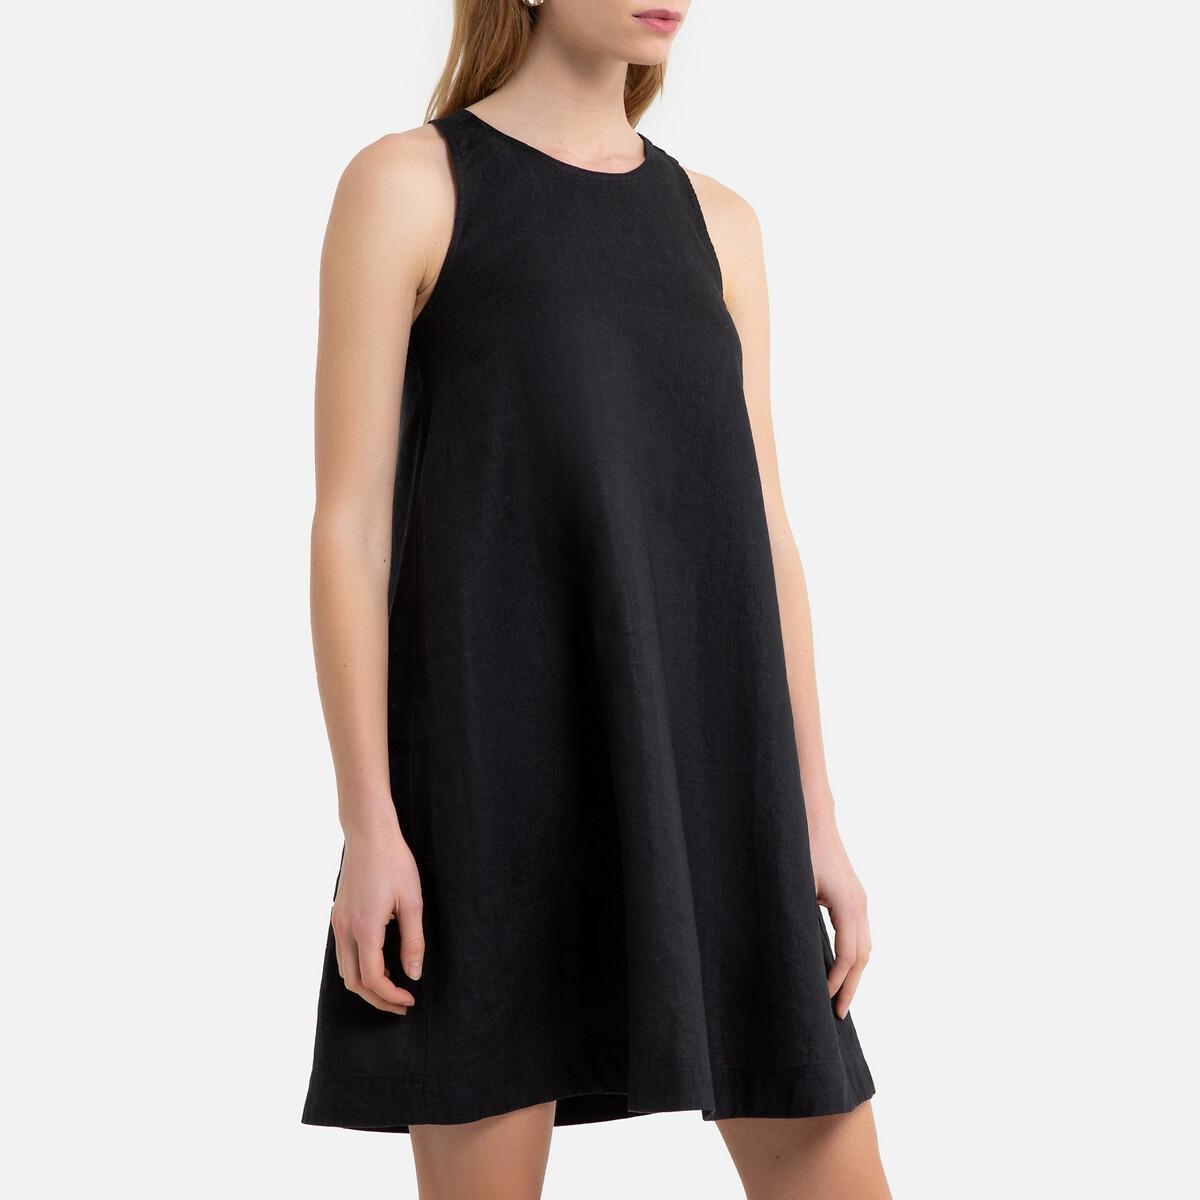 Платье La Redoute Без рукавов расклешенной формы из льна 36 (FR) - 42 (RUS) черный